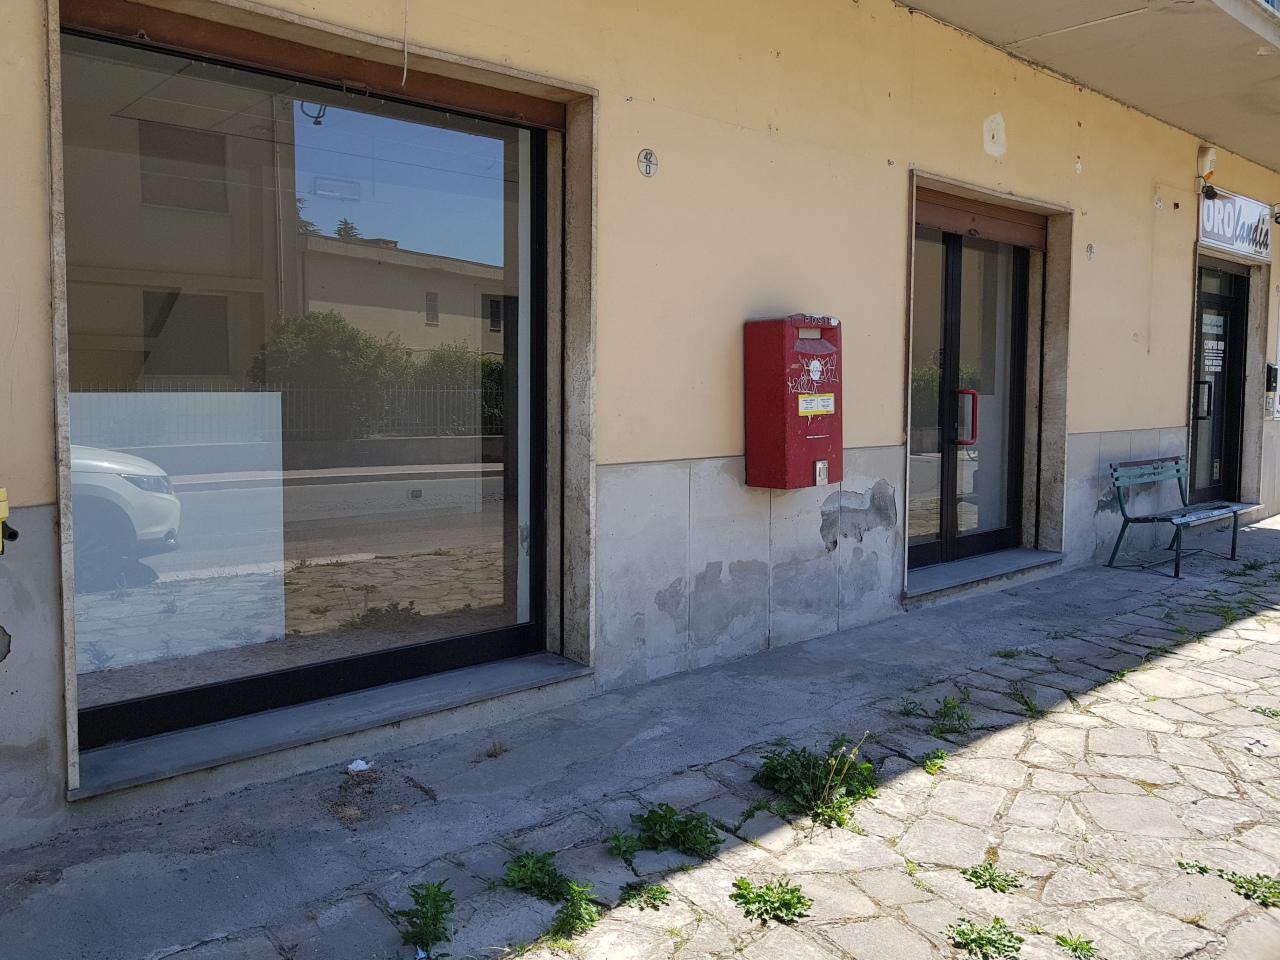 Locale commerciale - 2 Vetrine a Città di Castello Rif. 8604578